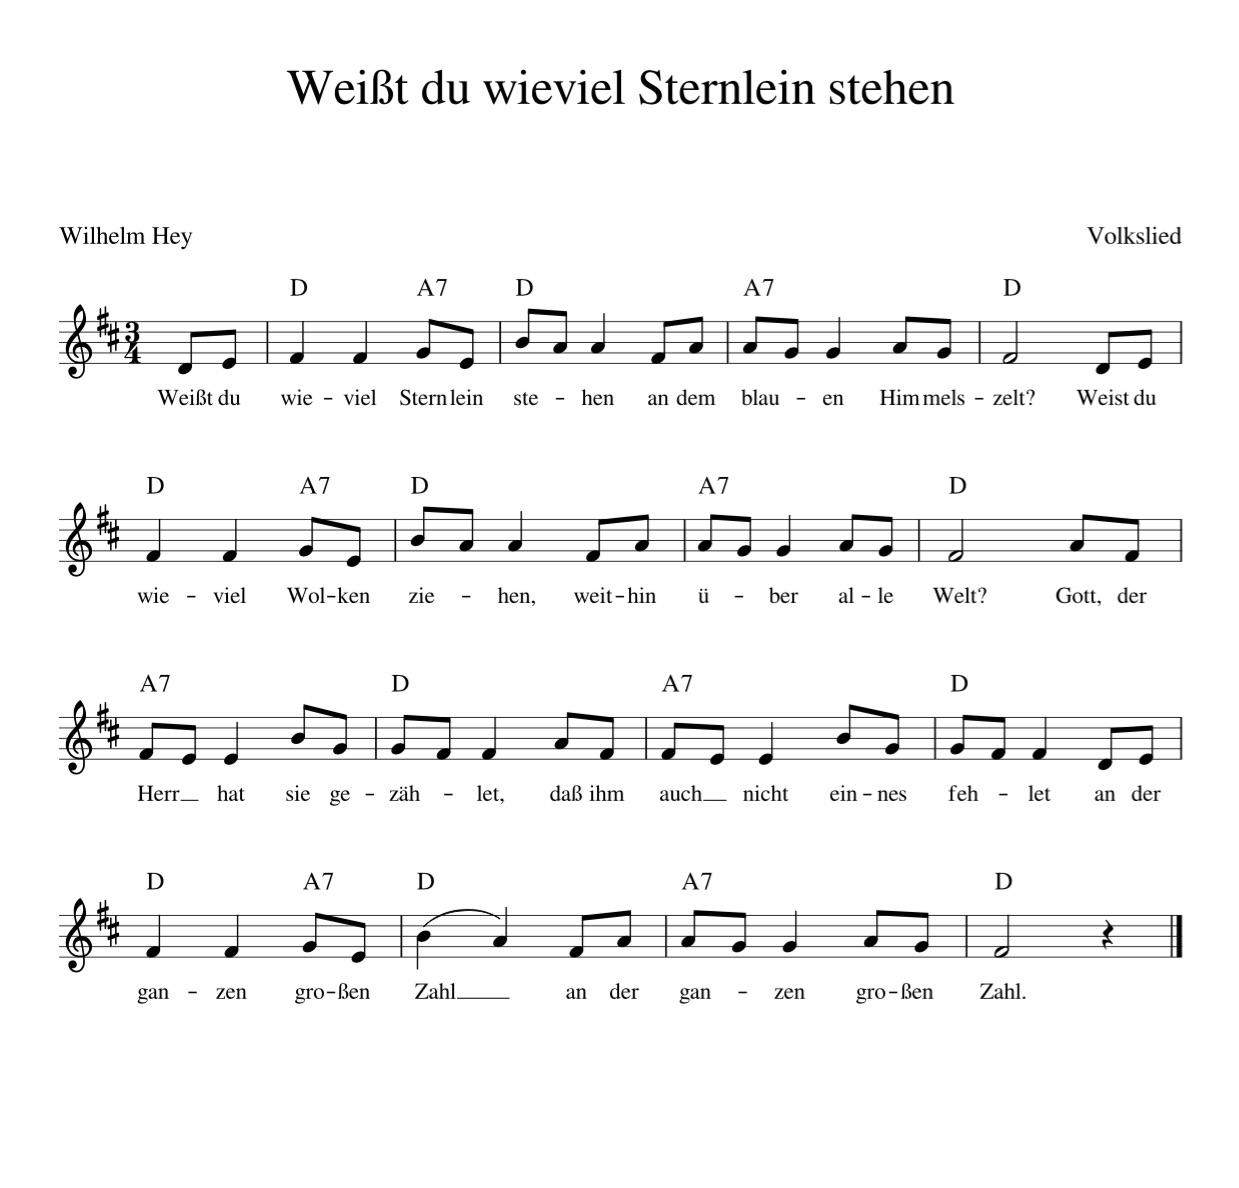 Weisst_du_wieviel_Sternlein_stehen